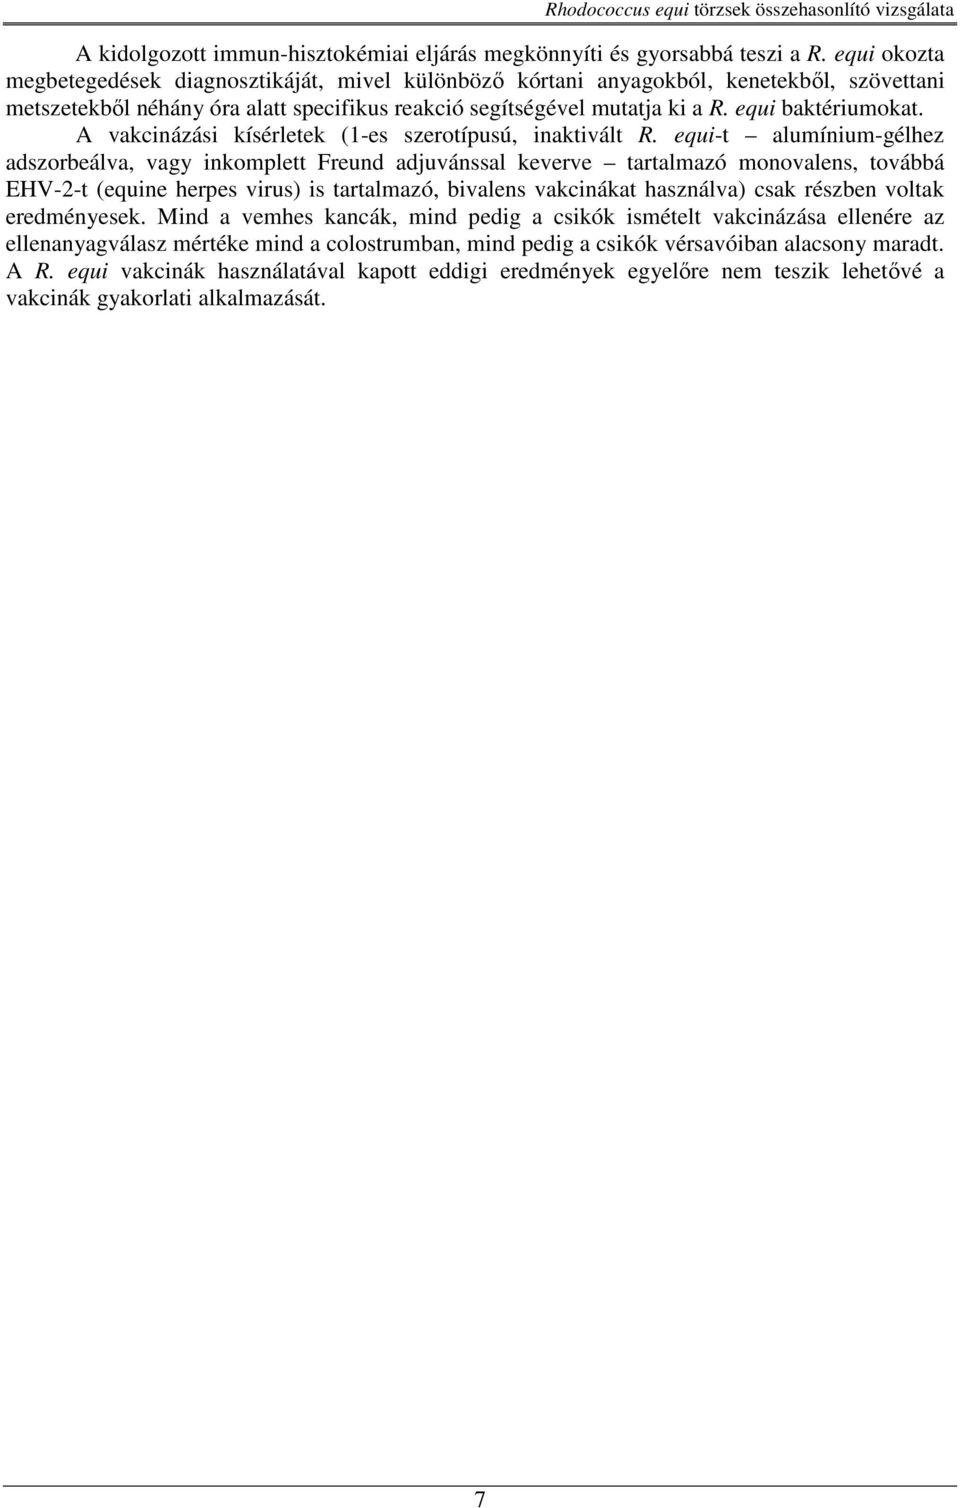 a strongyloidosis fertőző vagy nem